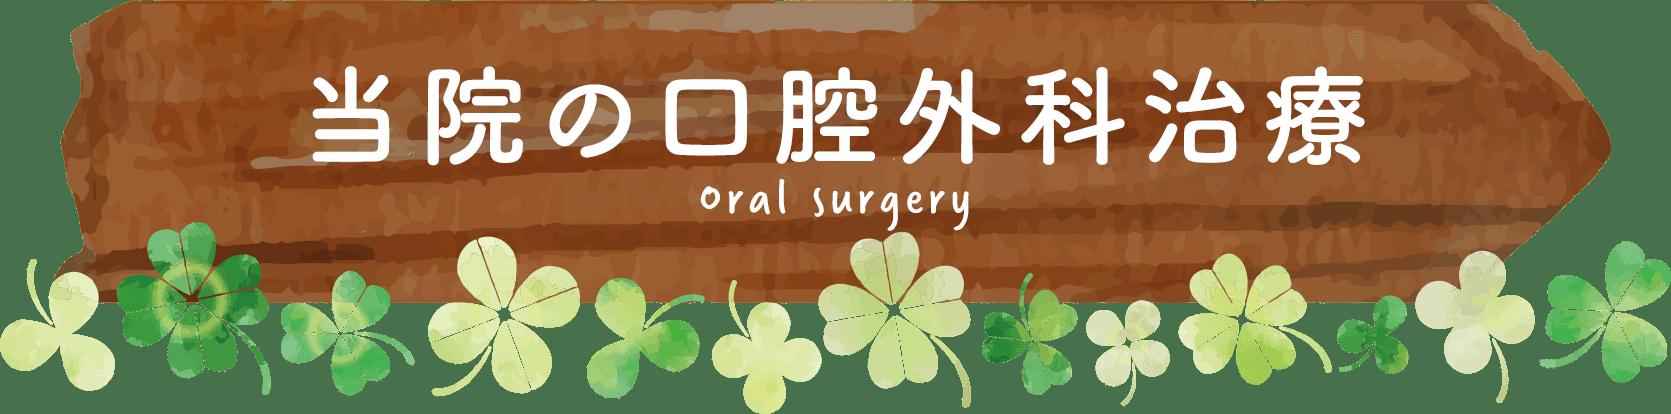 当院の口腔外科治療